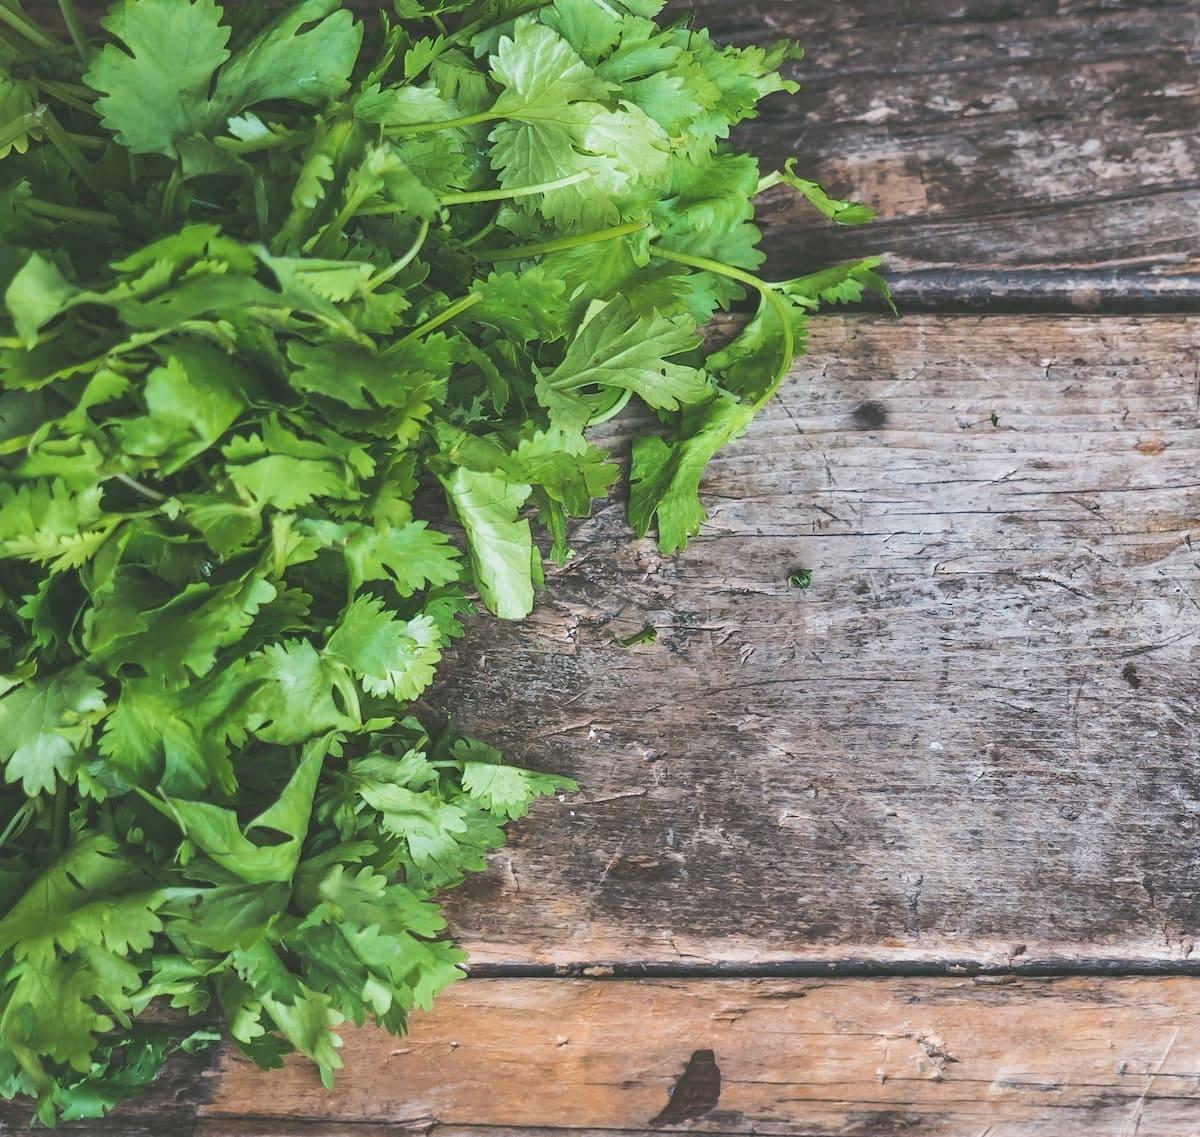 Grüne Koriander-Blätter liegen auf einem Holztisch